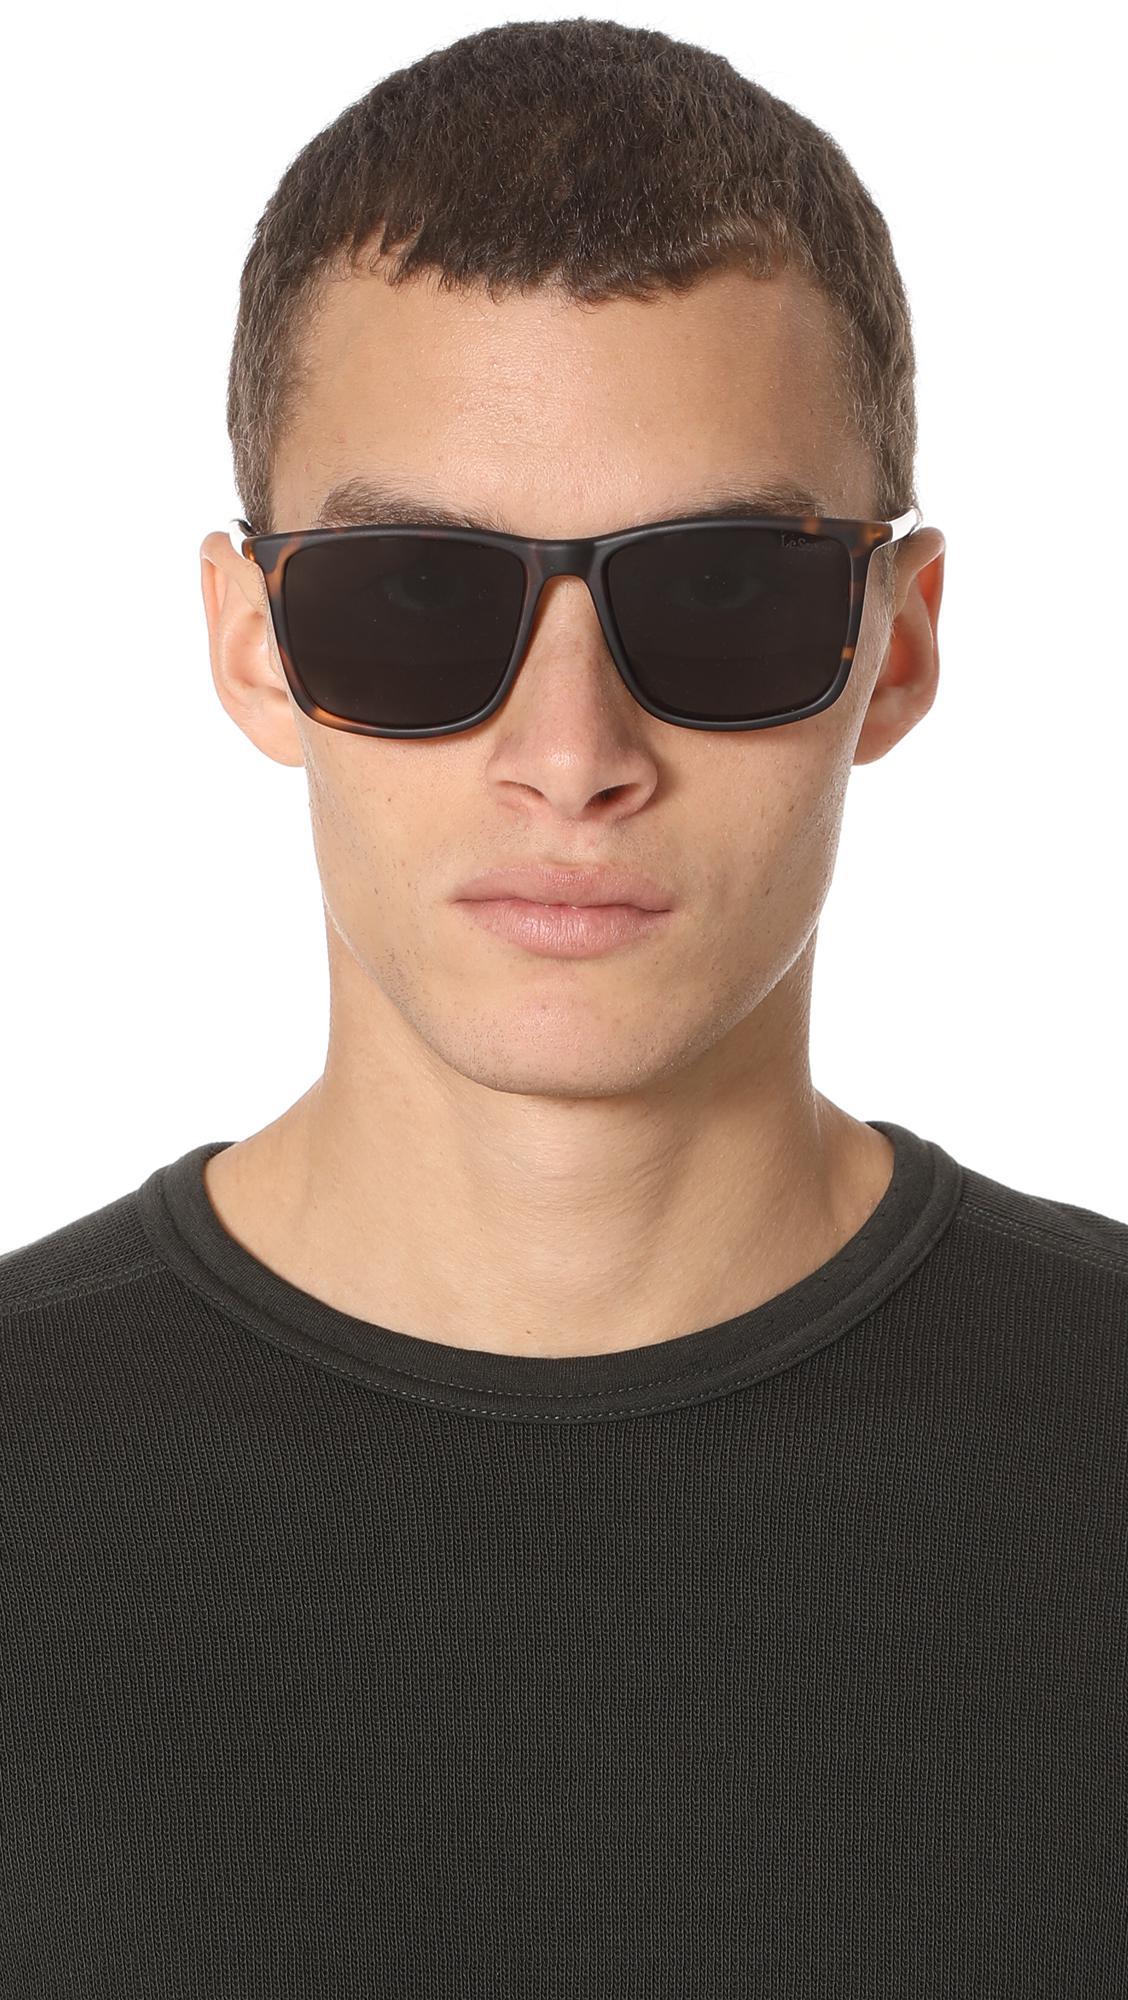 544d546a02 Le Specs - Multicolor Tweedledum Sunglasses for Men - Lyst. View fullscreen